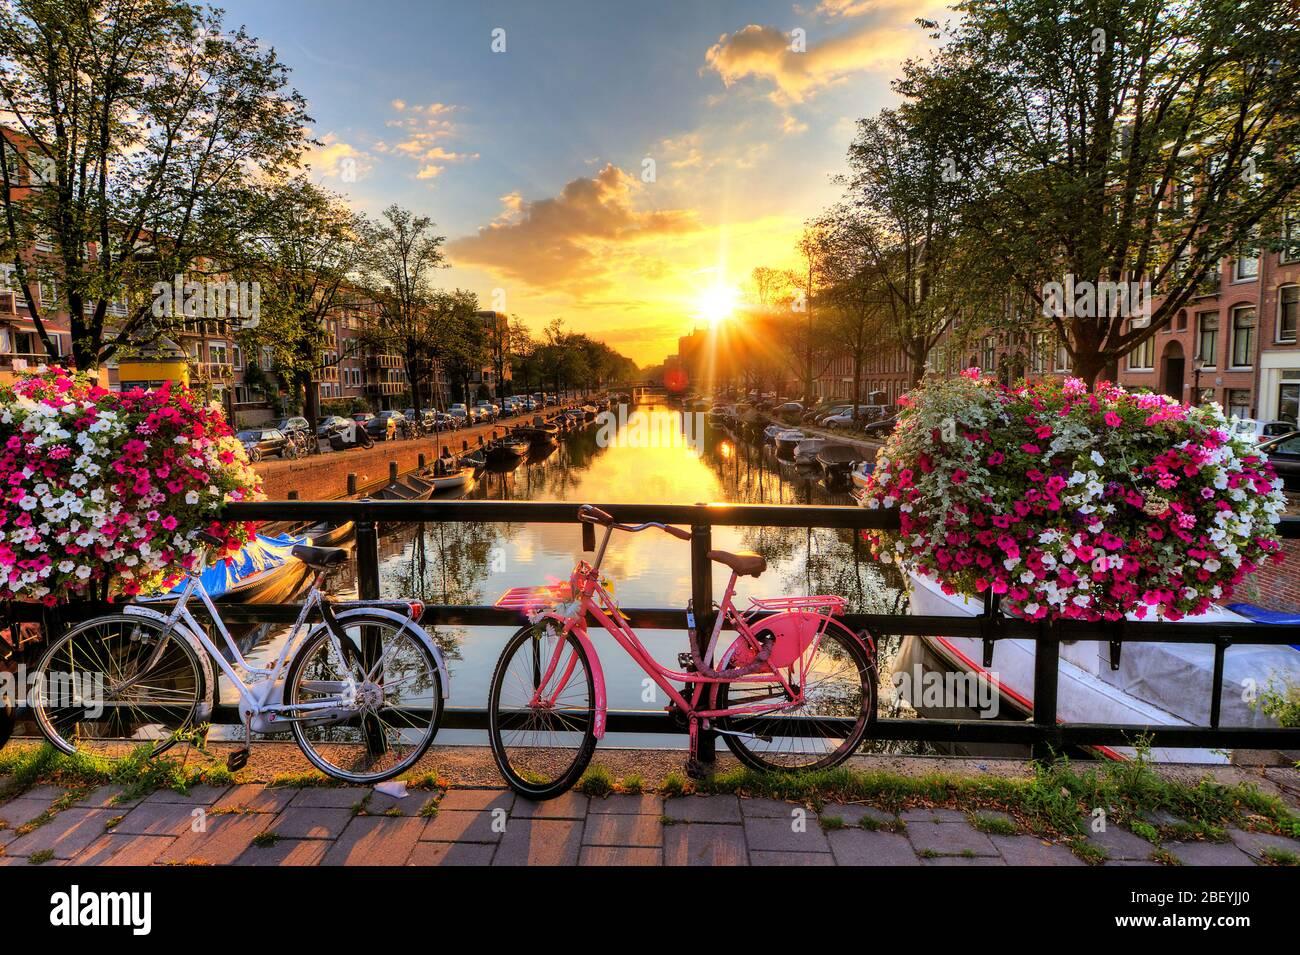 Magnifique lever de soleil sur Amsterdam, pays-Bas, avec fleurs et vélos sur le pont au printemps Banque D'Images